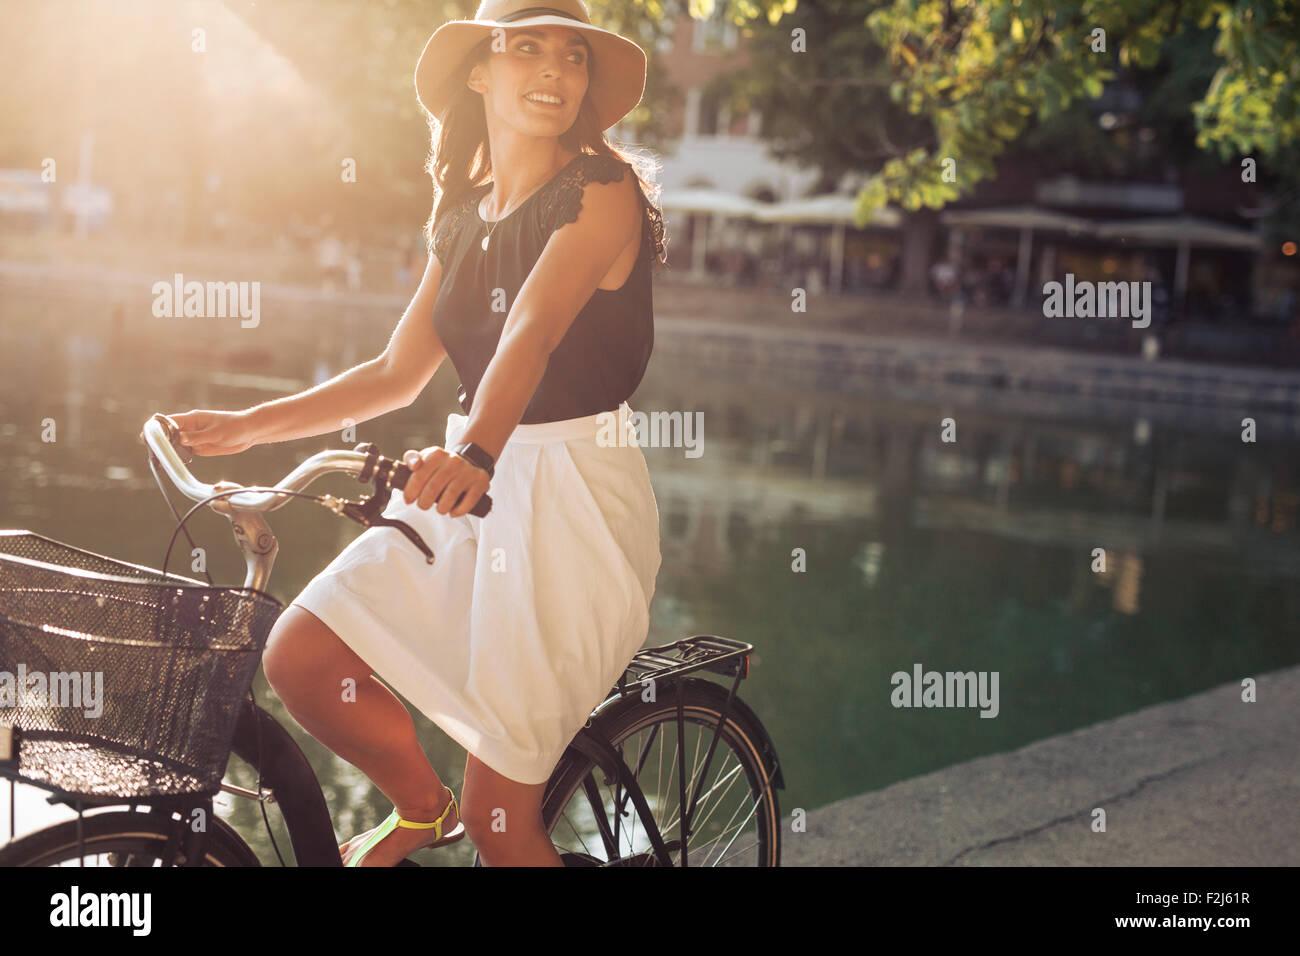 Ritratto di giovane e bella donna in bicicletta lungo una strada nei pressi di stagno su un giorno d'estate. Immagini Stock